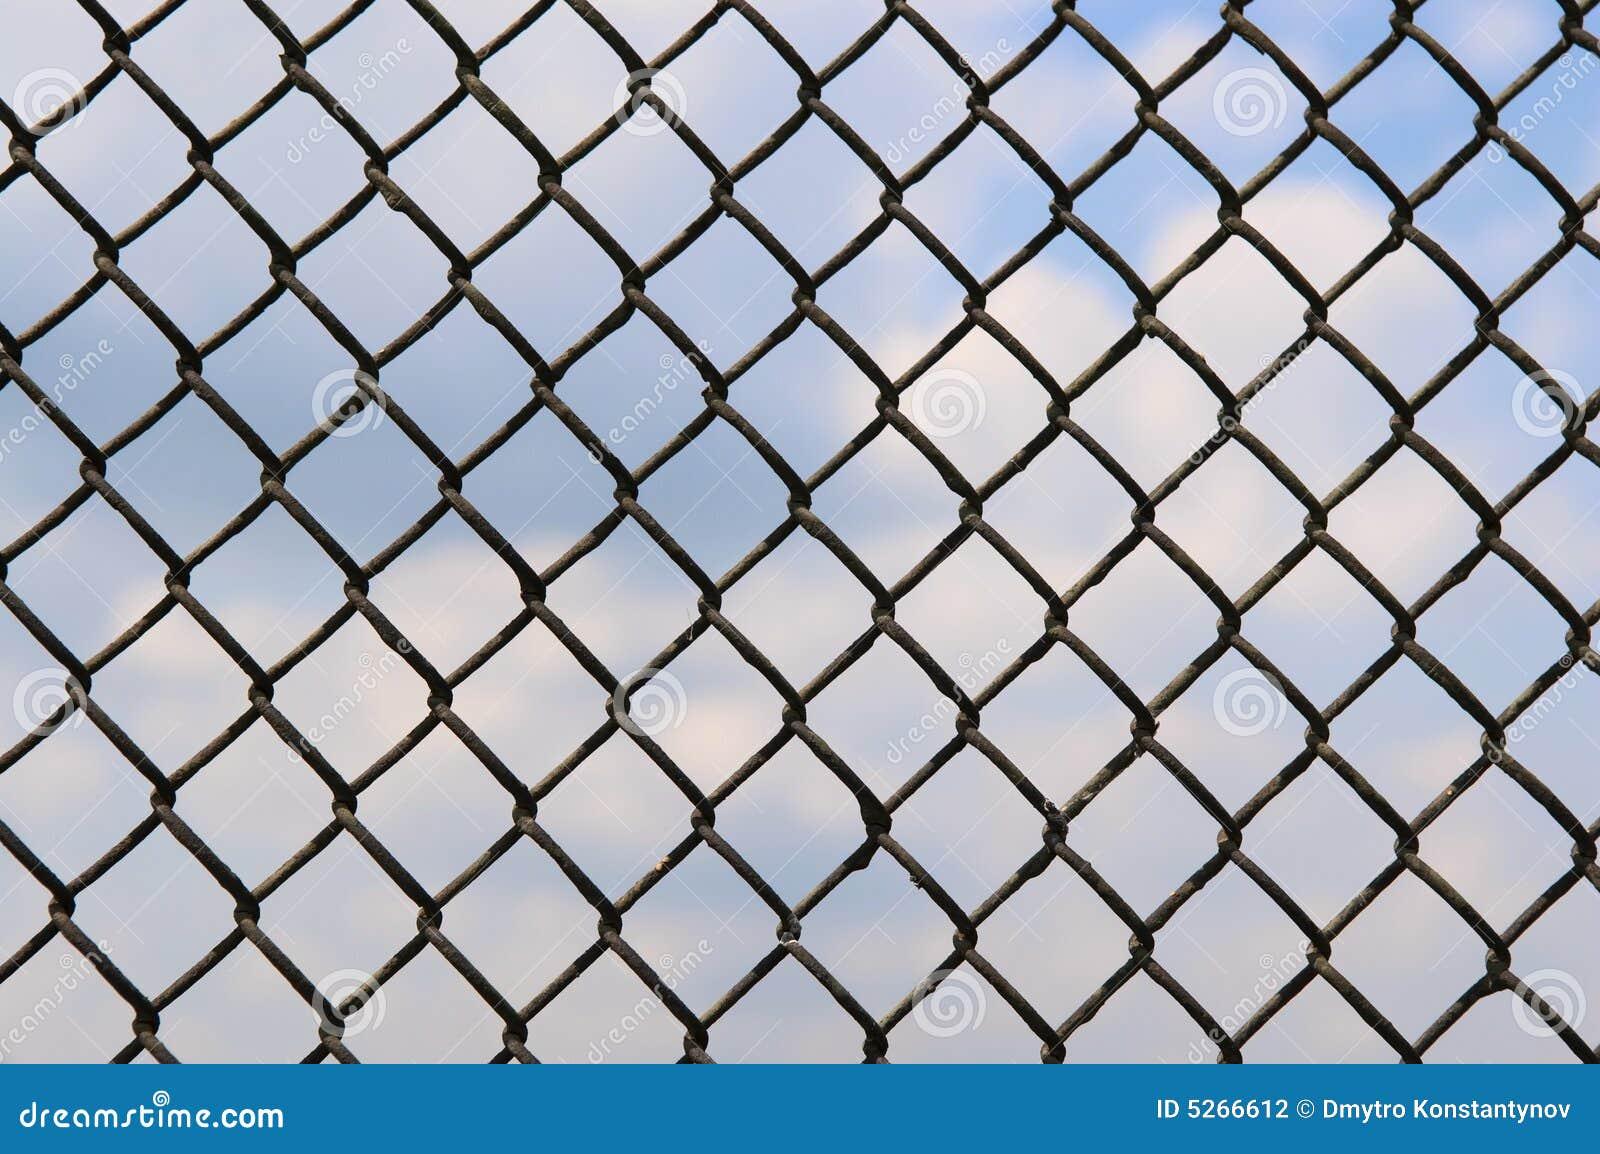 Fence Of Metallic Net Stock Photography Image 5266612